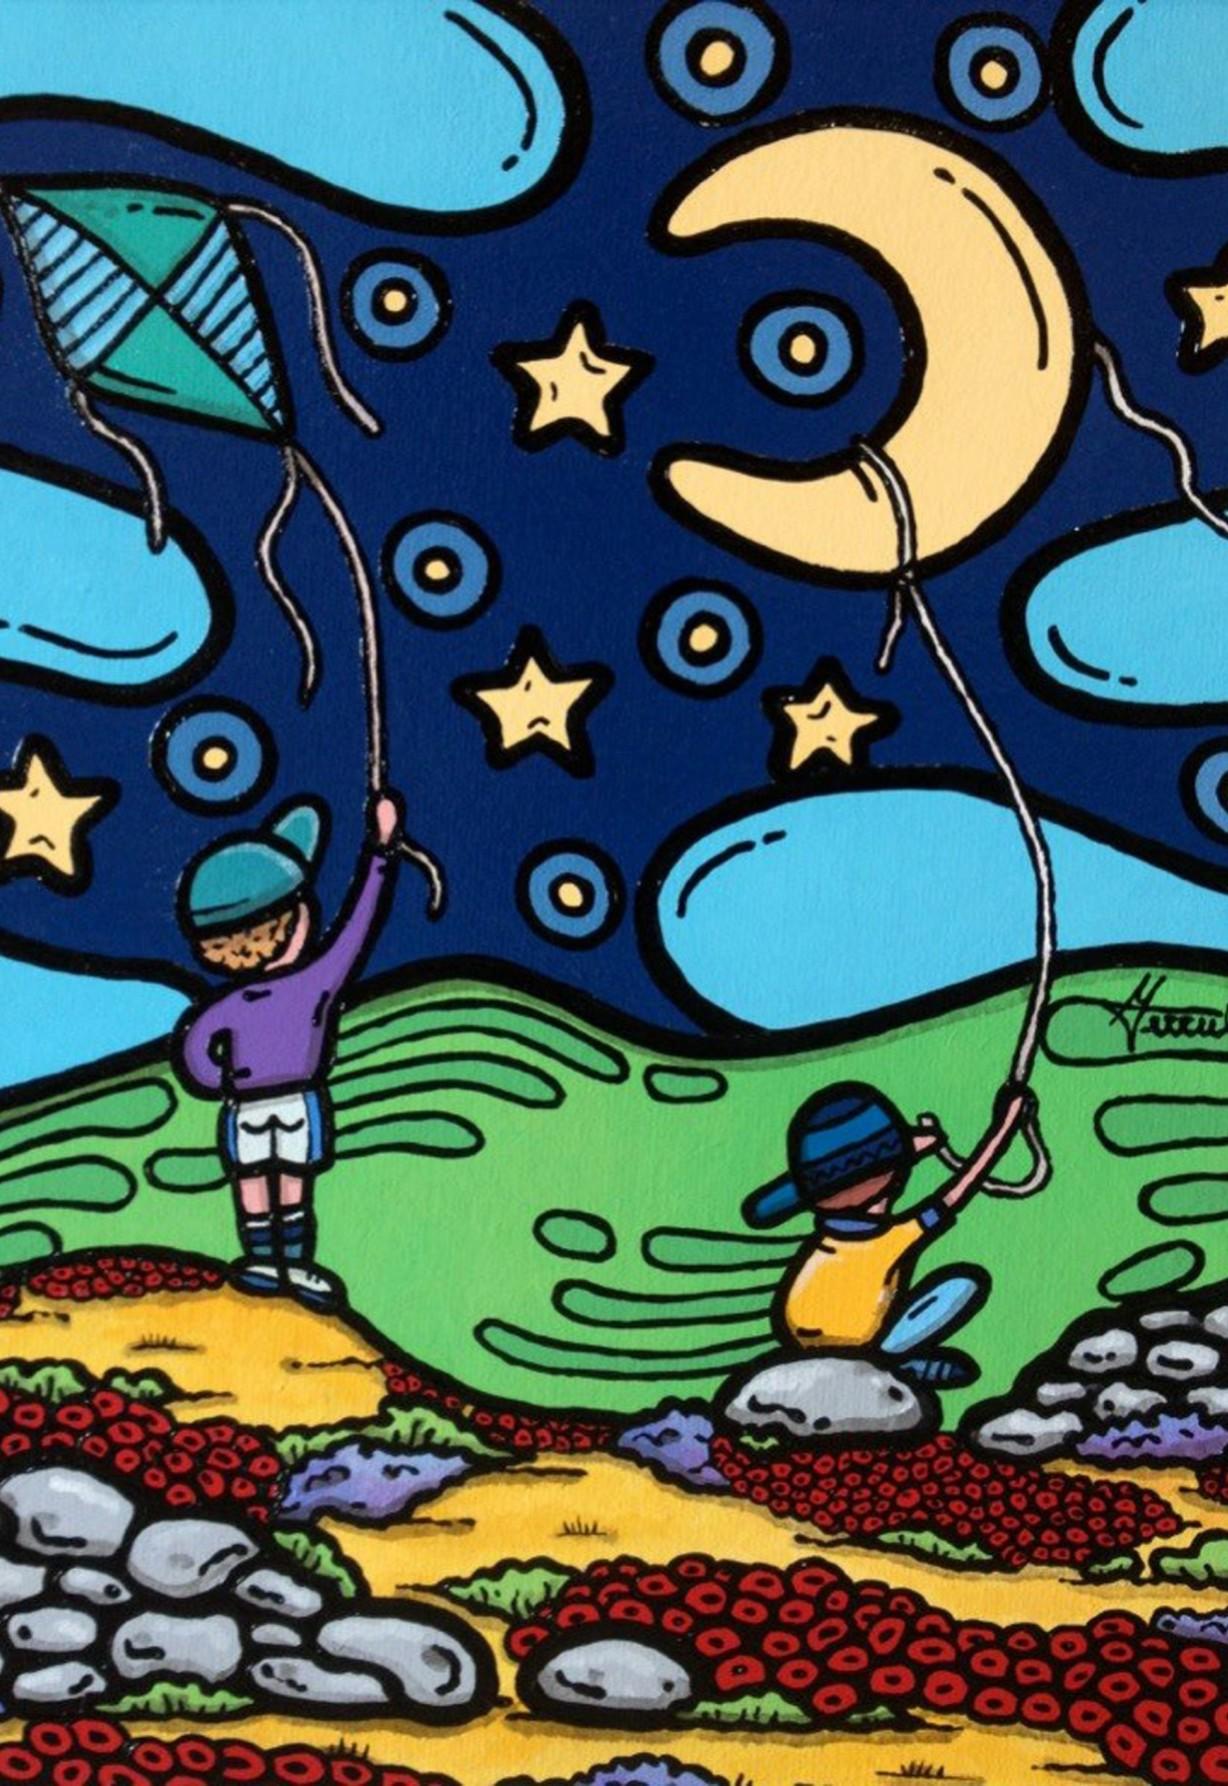 opera d'arte, contornismo metafisico, francesco ferrulli, pittore pugliese, artista italiano, arte contemporanea, dipinto, olio su tela, acrilico su tela, paesaggi pugliesi, quadro colorato, oil on canvas, art, painter, bambini, aquiloni, luna, sogni, sognando